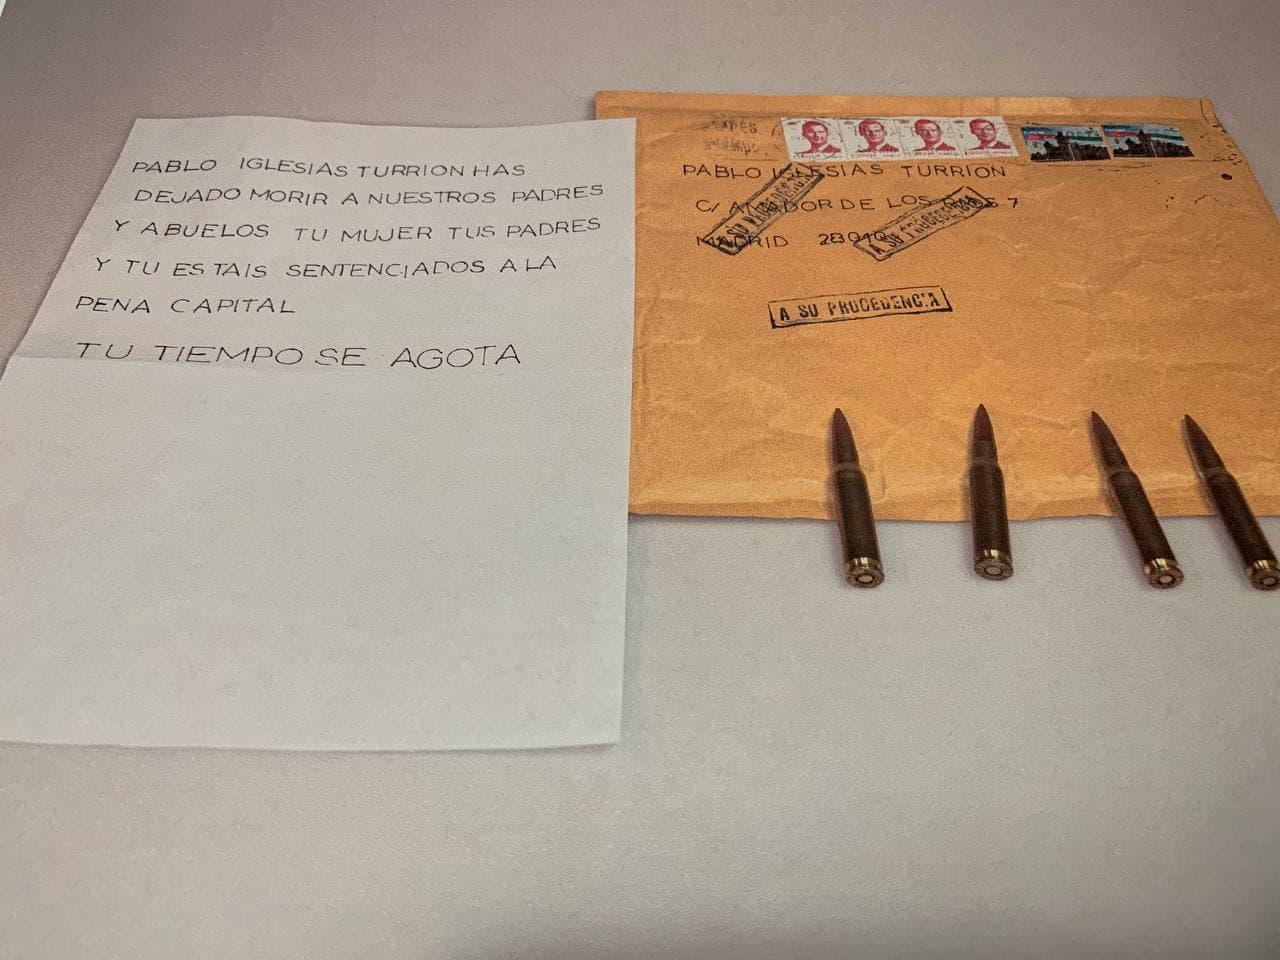 Carta Pablo Iglesias